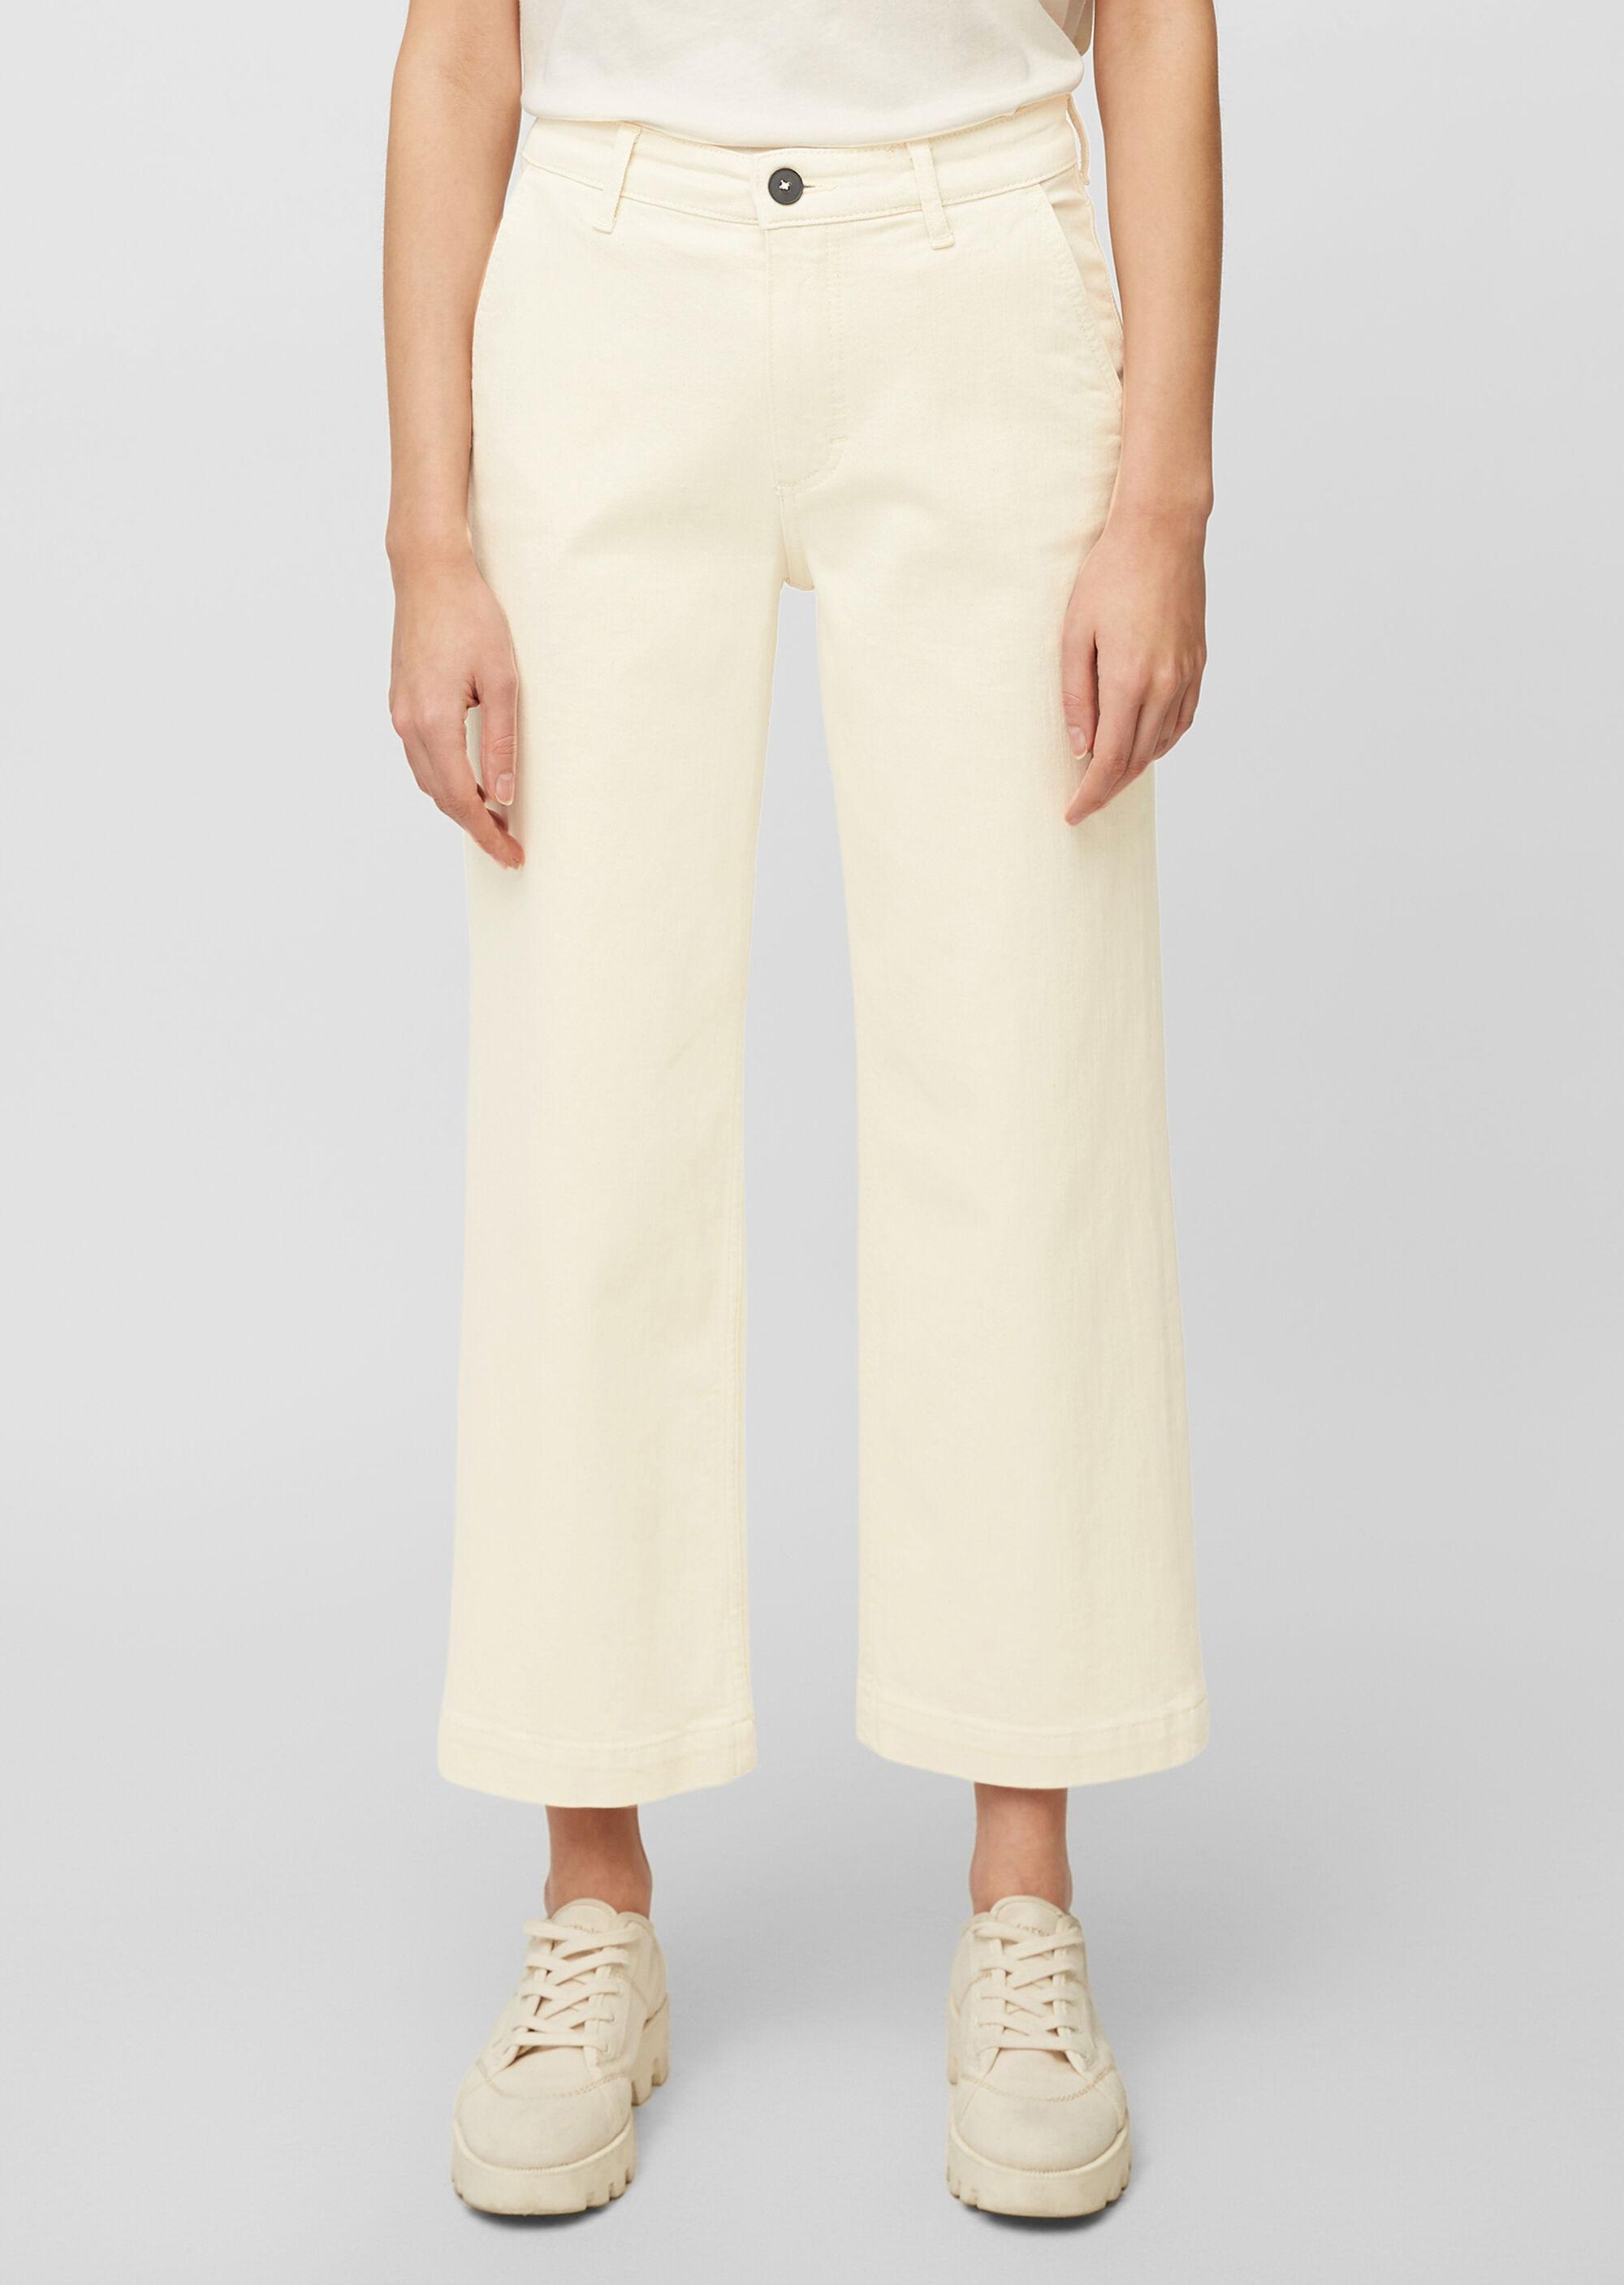 Jeans-Culotte aus Organic Cotton Mix